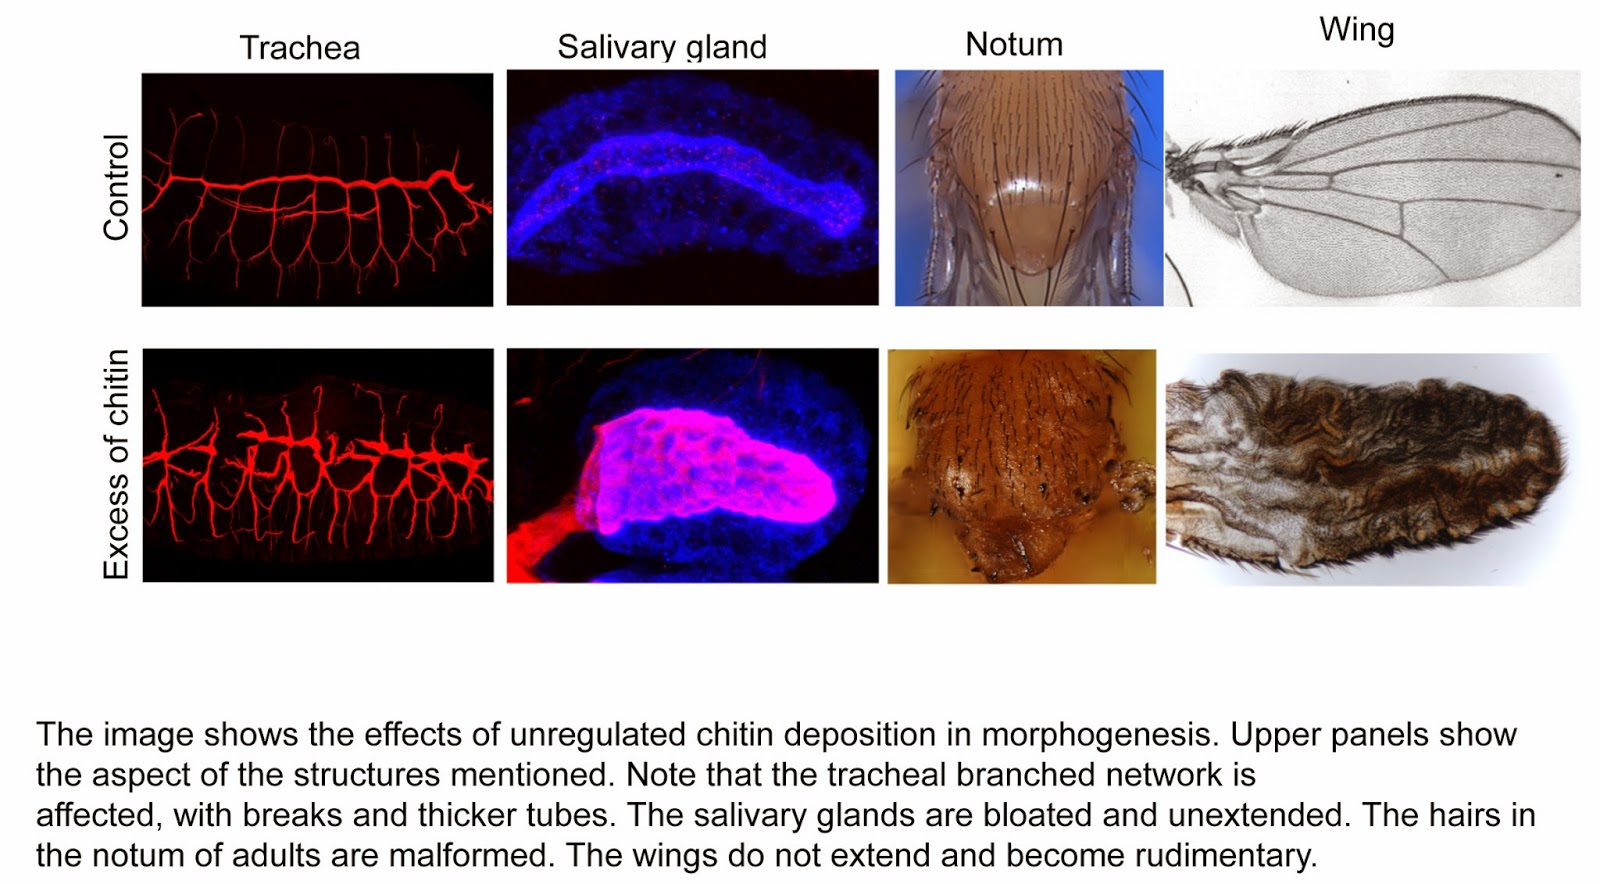 Study done by Dr Marta Llimargas